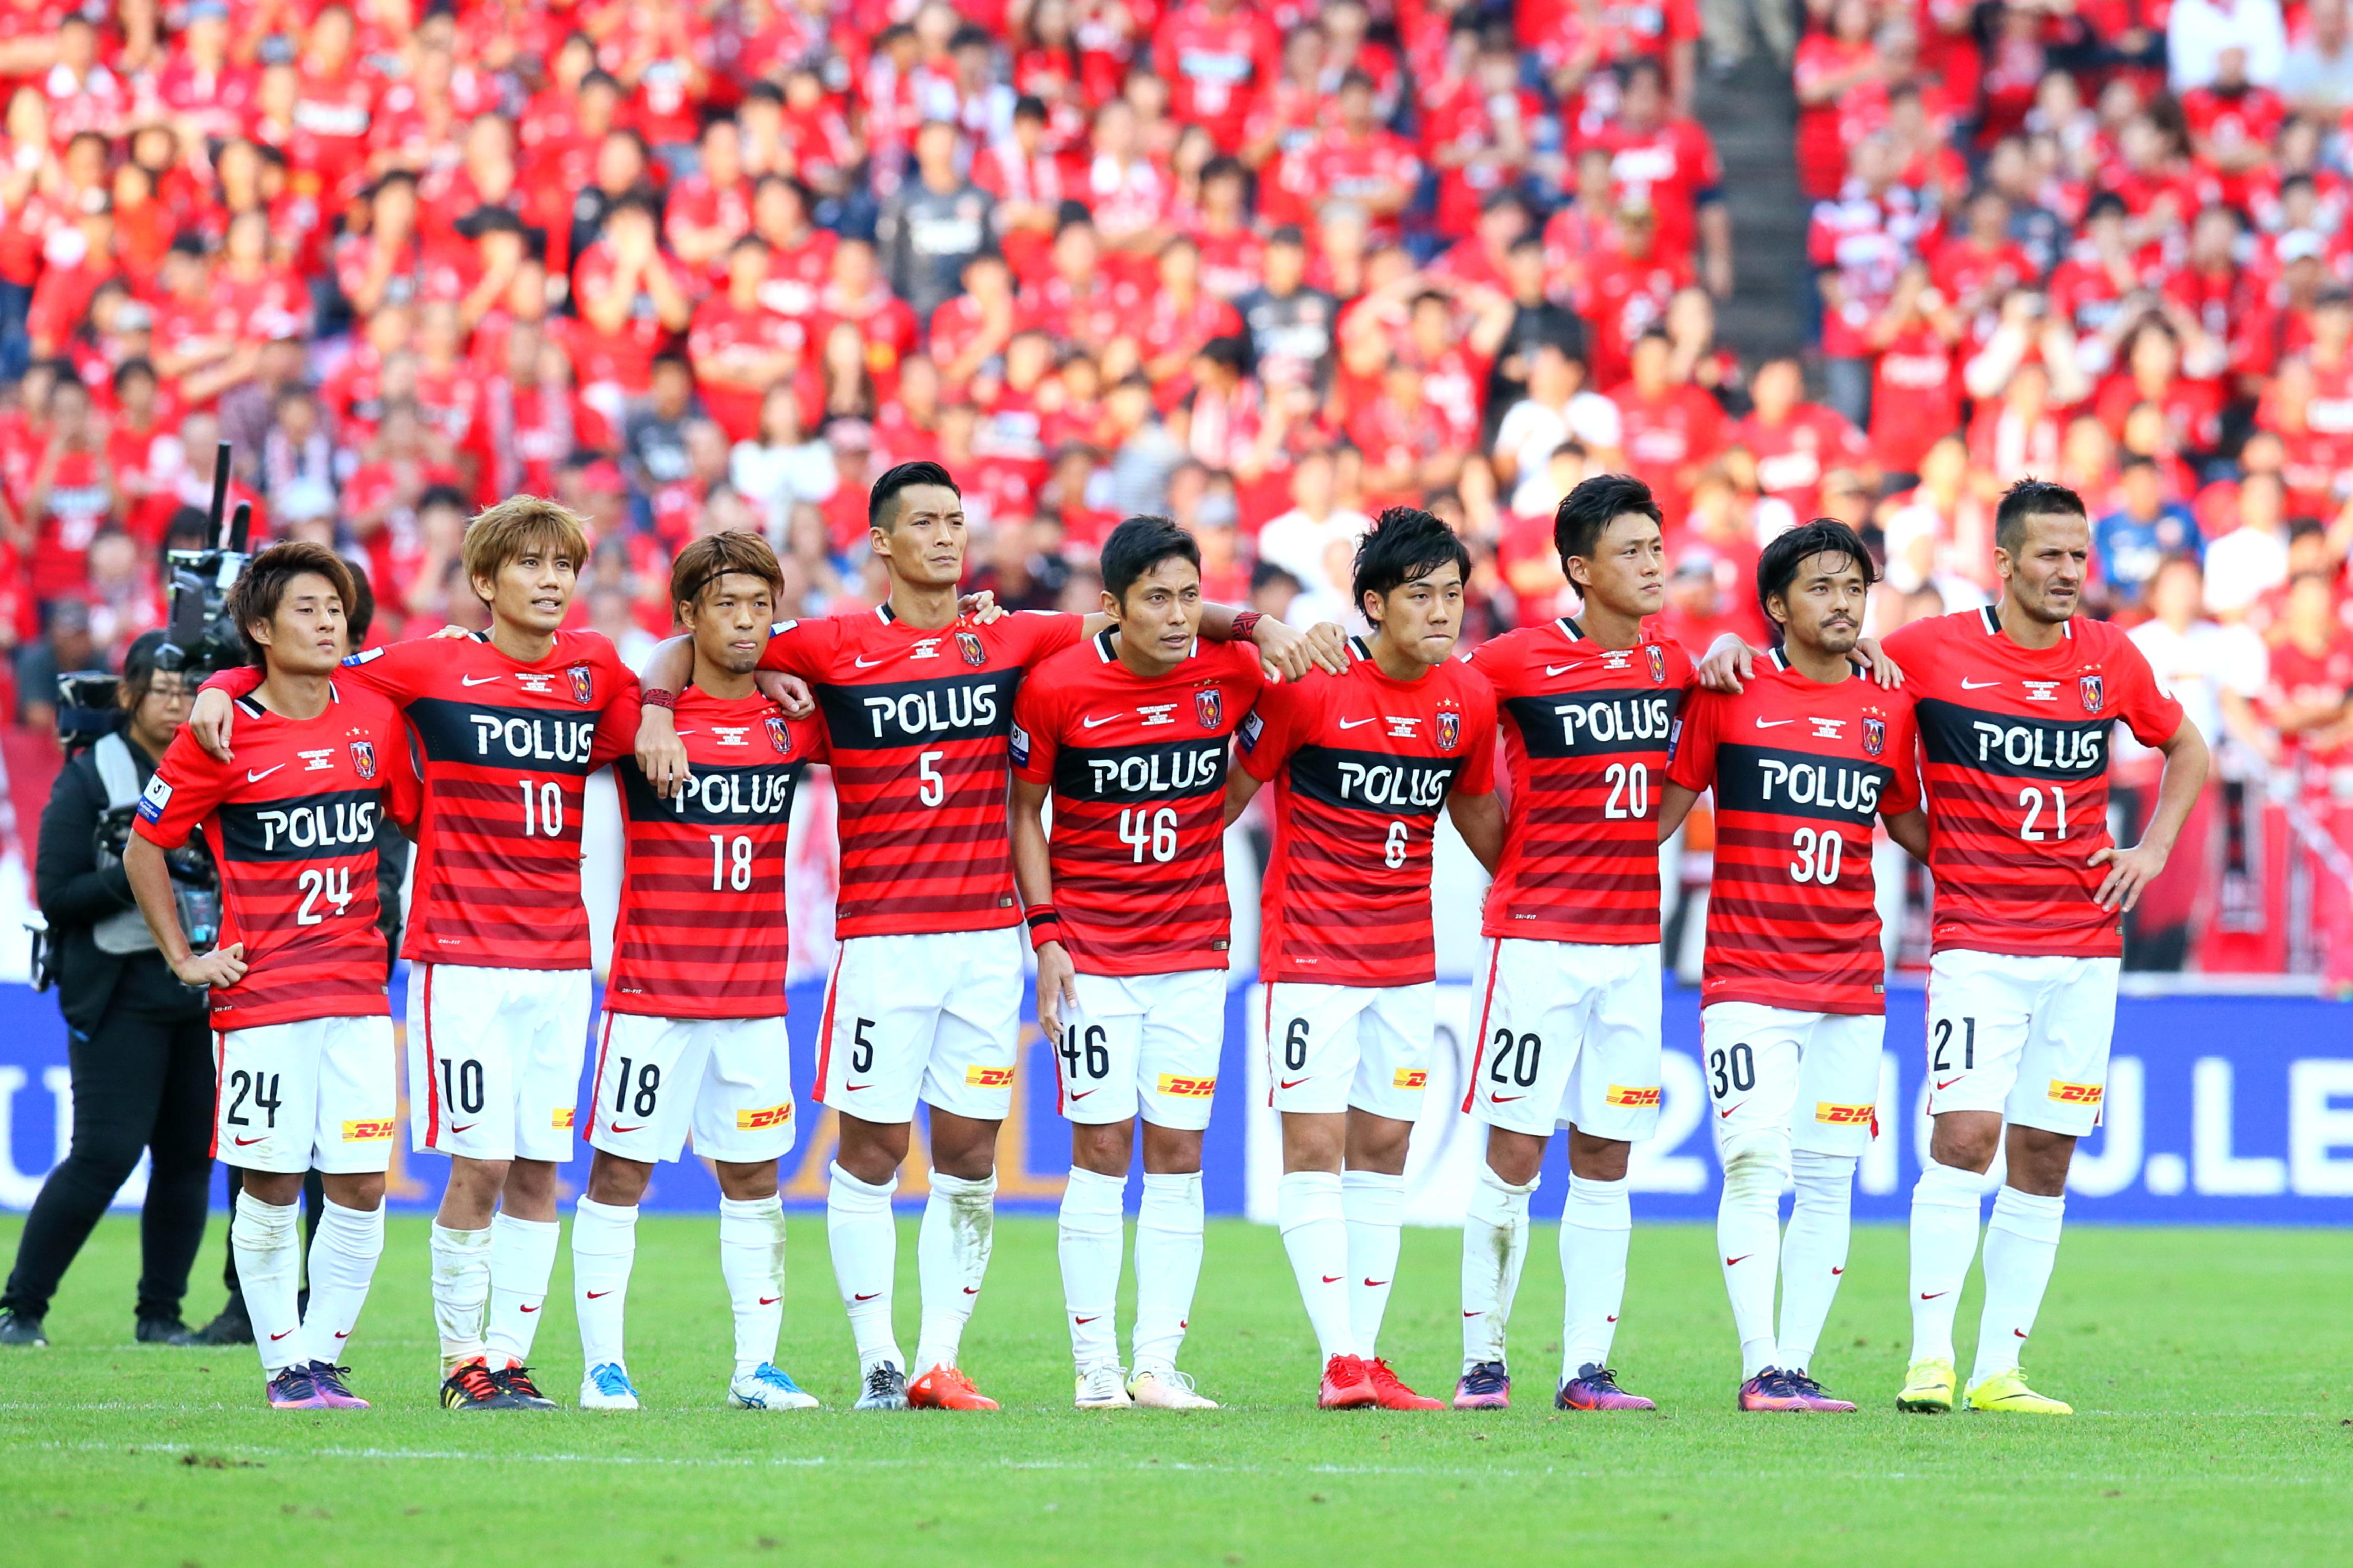 遠藤航が感じた浦和の歴史。優勝の裏側にあったキャプテンの気遣い、PK戦での攻防